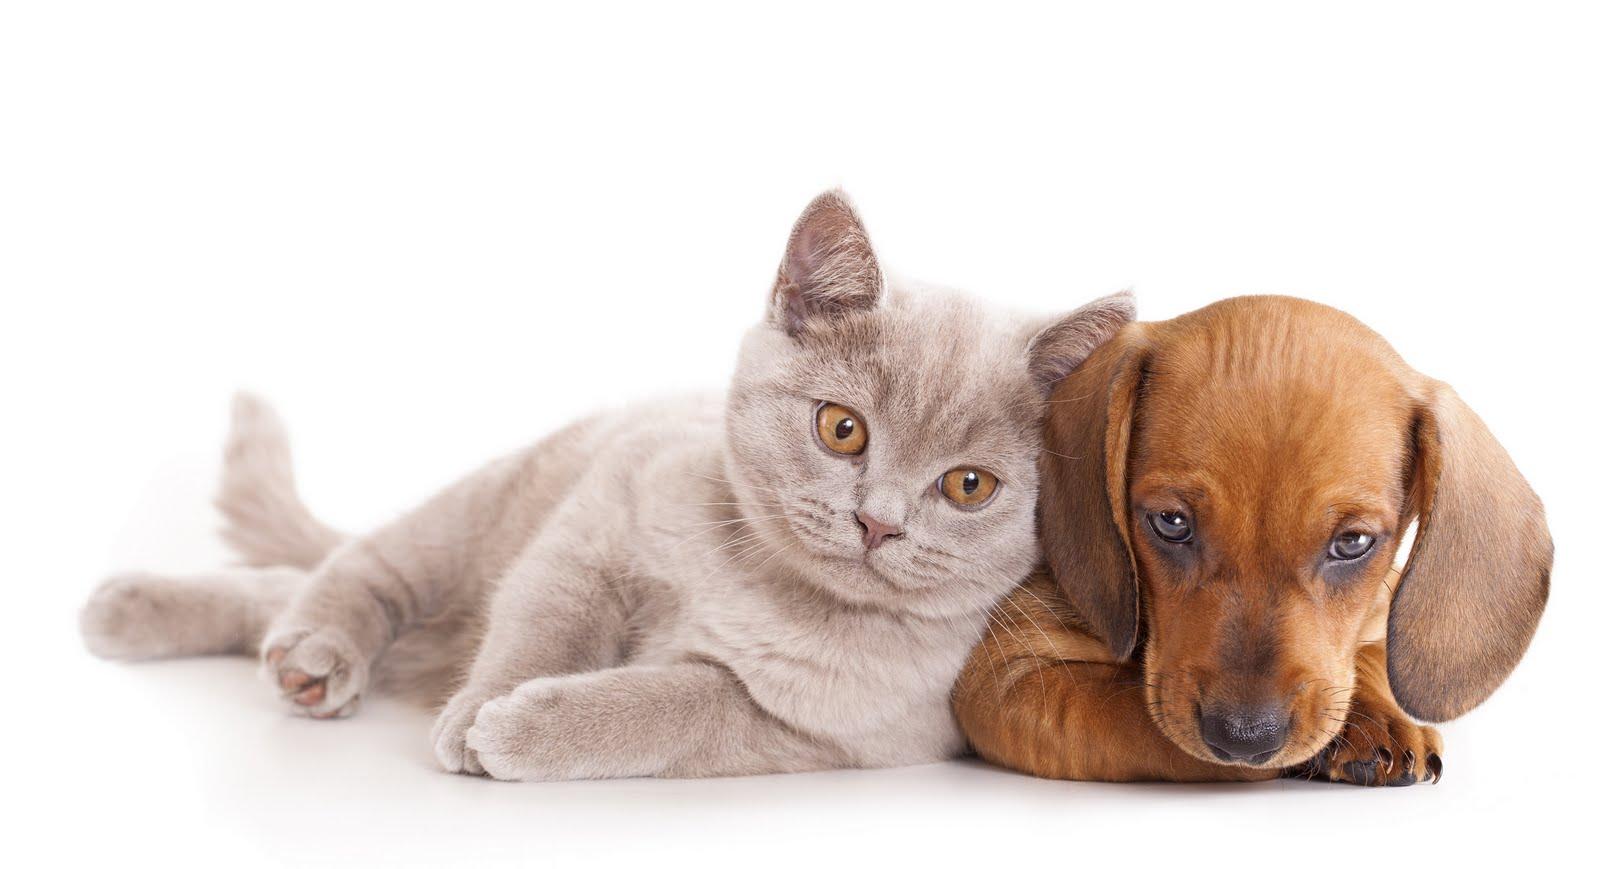 wallpapers de perros y gatos: